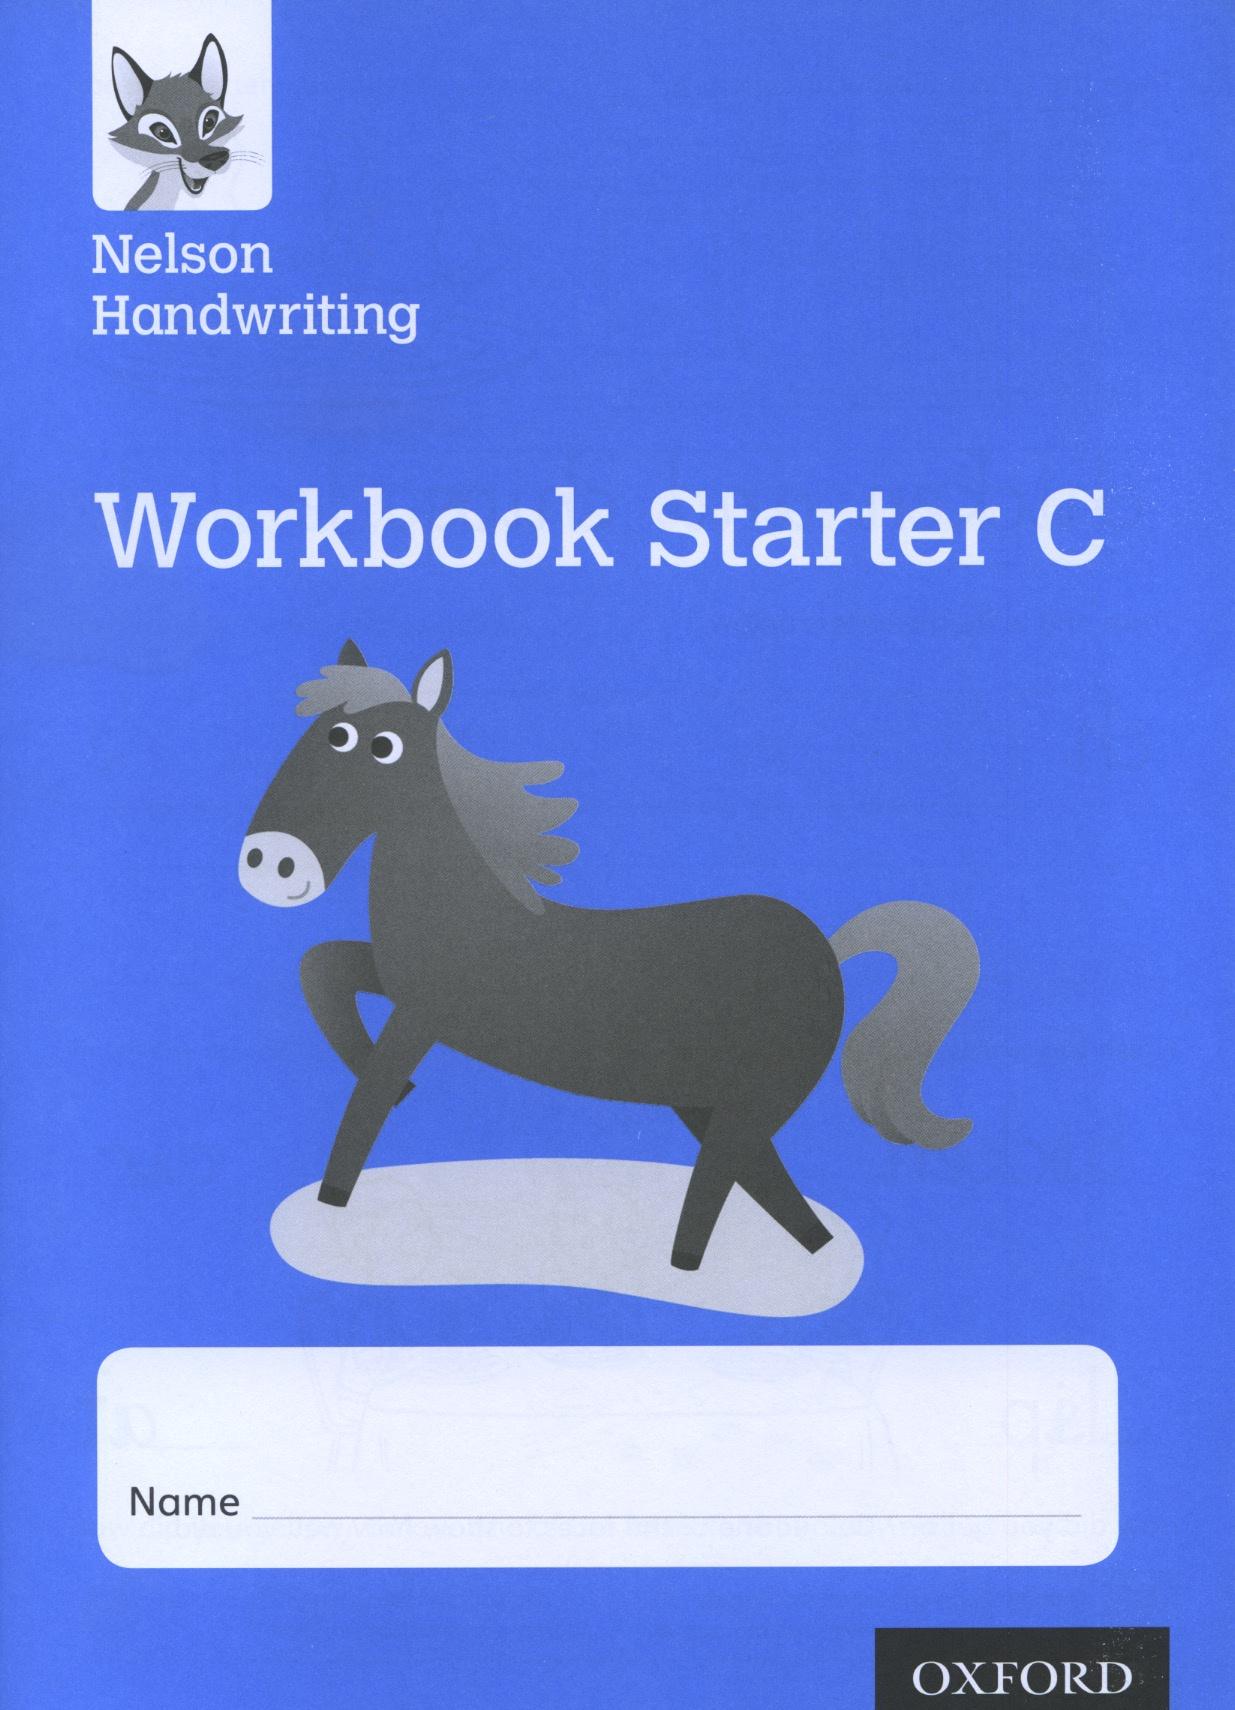 Nelson Handwriting Workbook Starter C speakout starter workbook cd